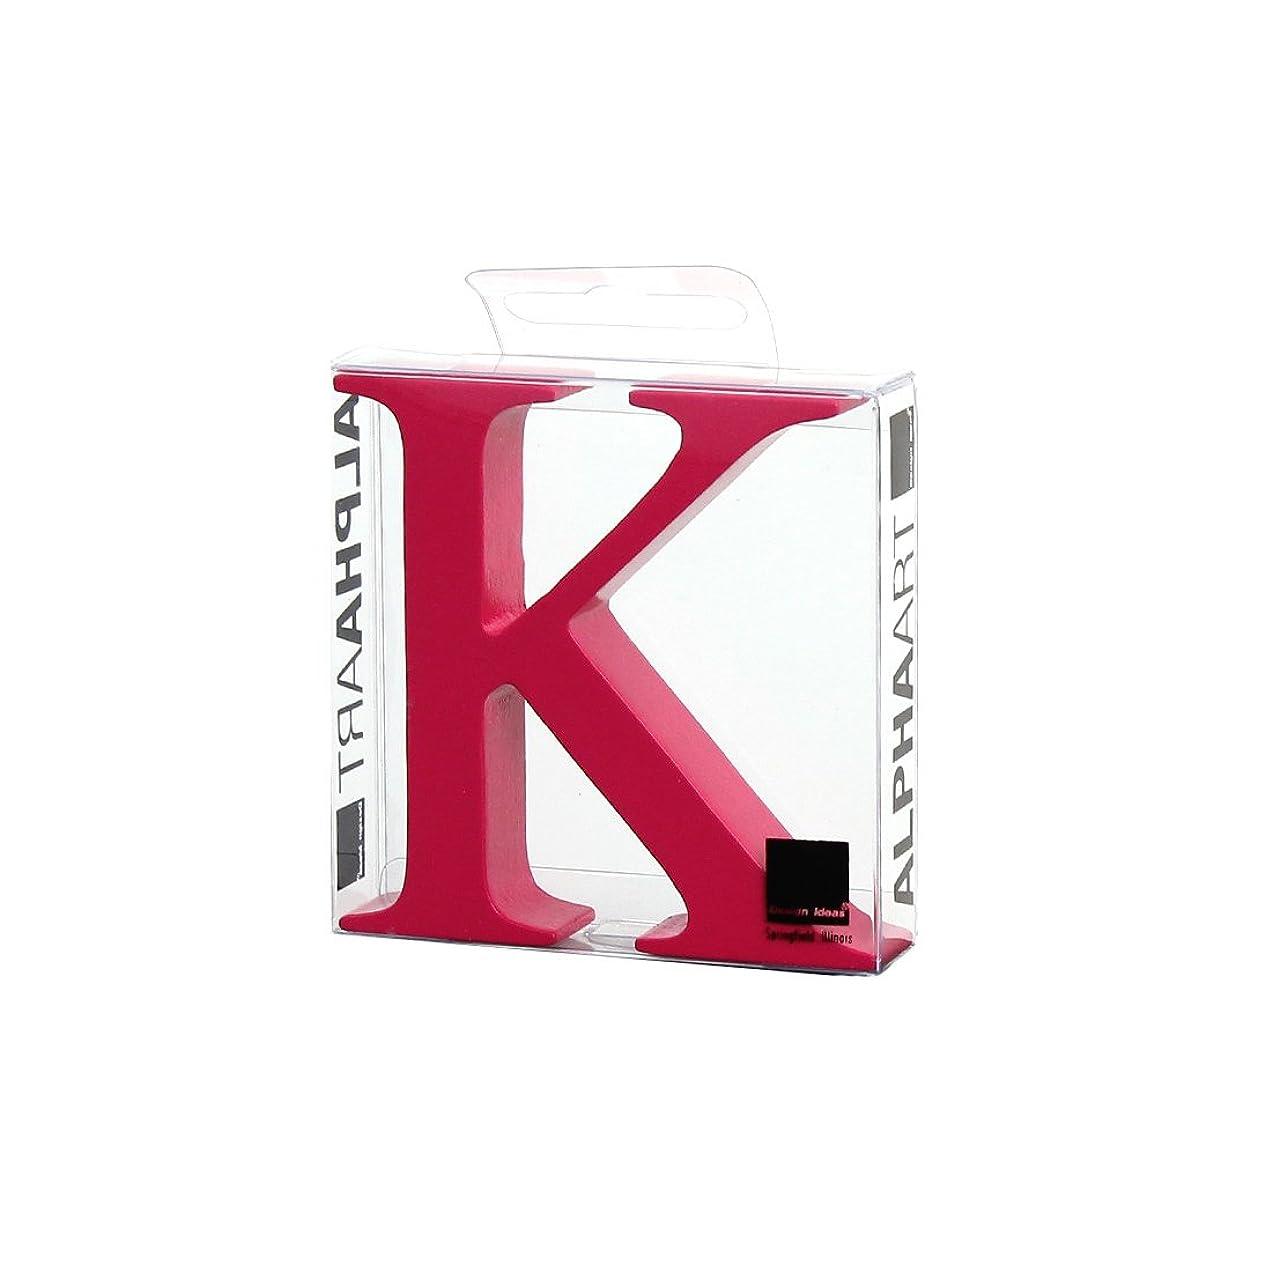 協定露出度の高いジャンプするカメヤマキャンドルハウス アルファベットブロック カラフル  アルファアートラージK 「 ピンク 」